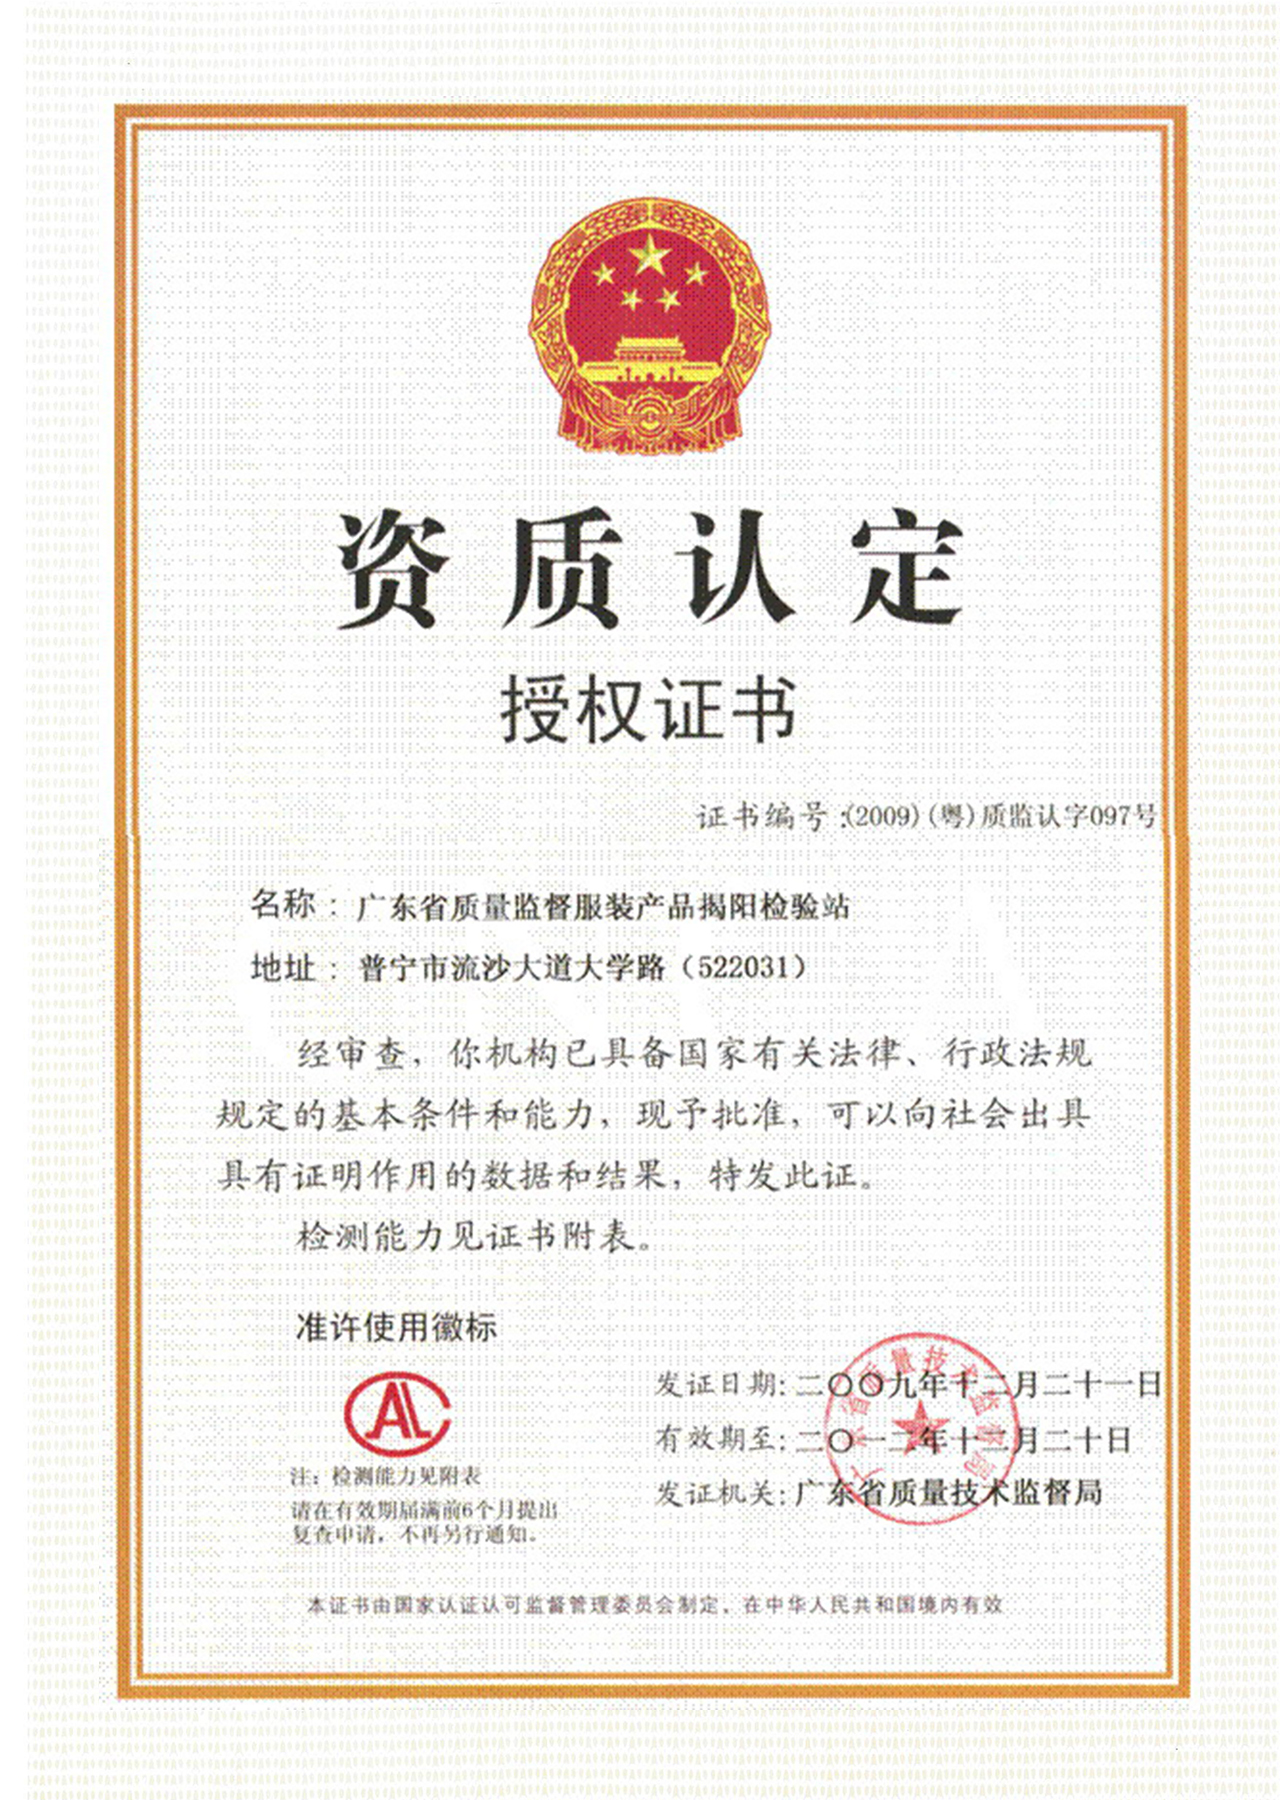 授权证书.JPG